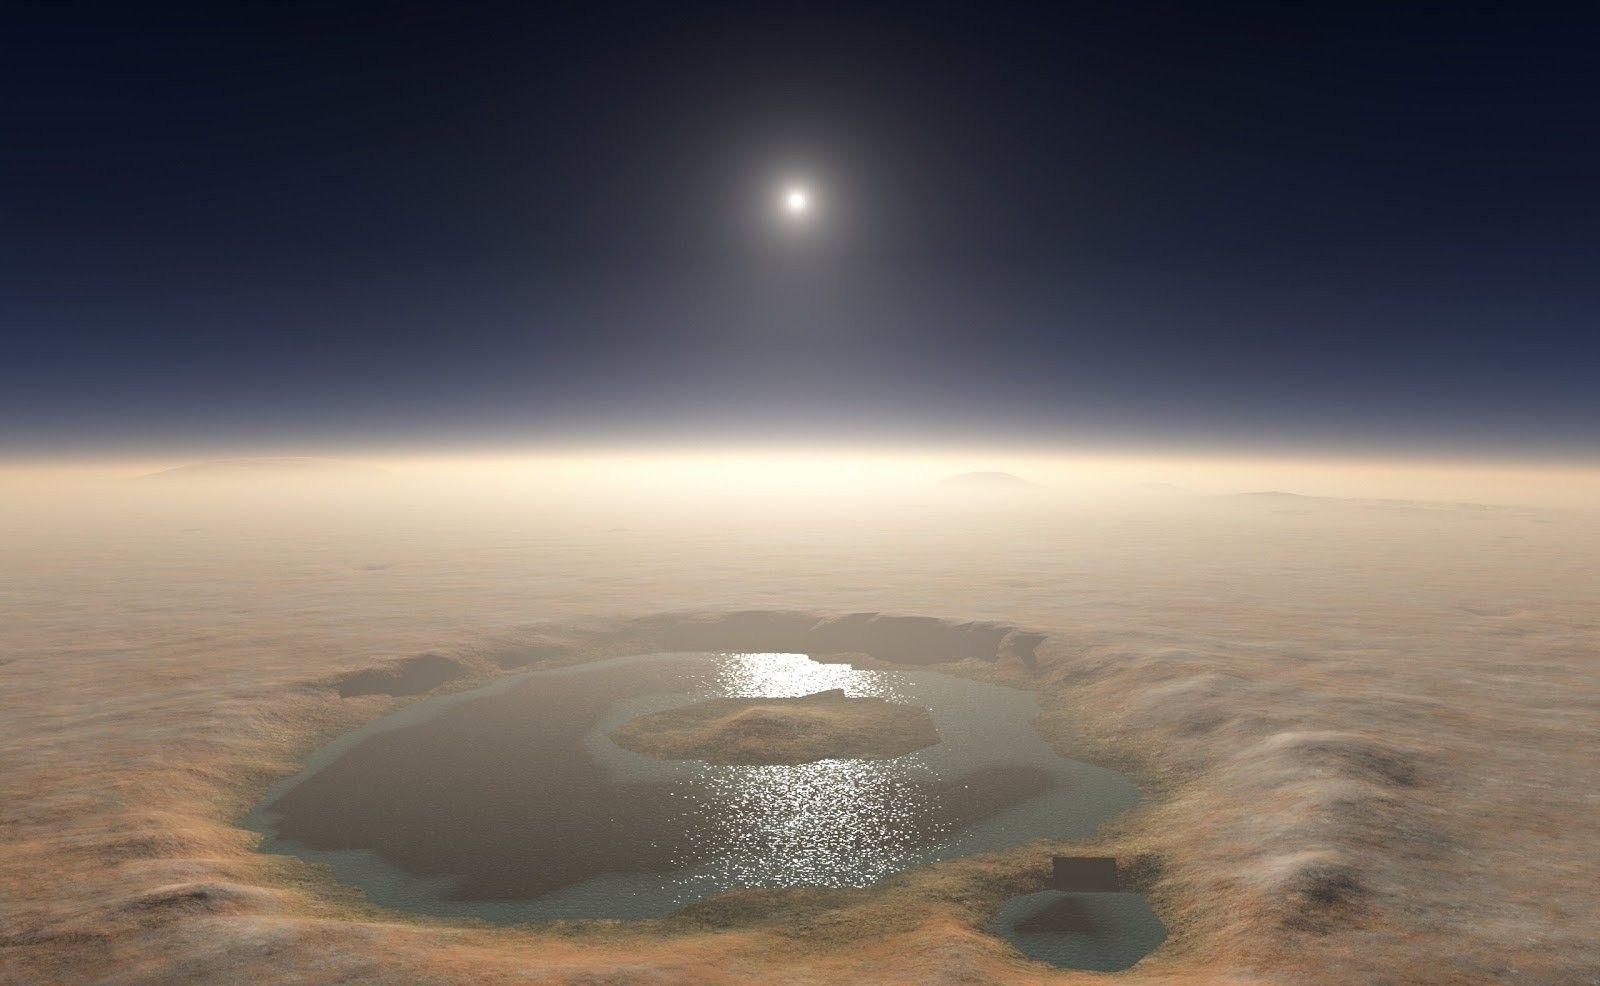 成功登陆火星,会发现什么?火星,可能就是一个死亡的地球